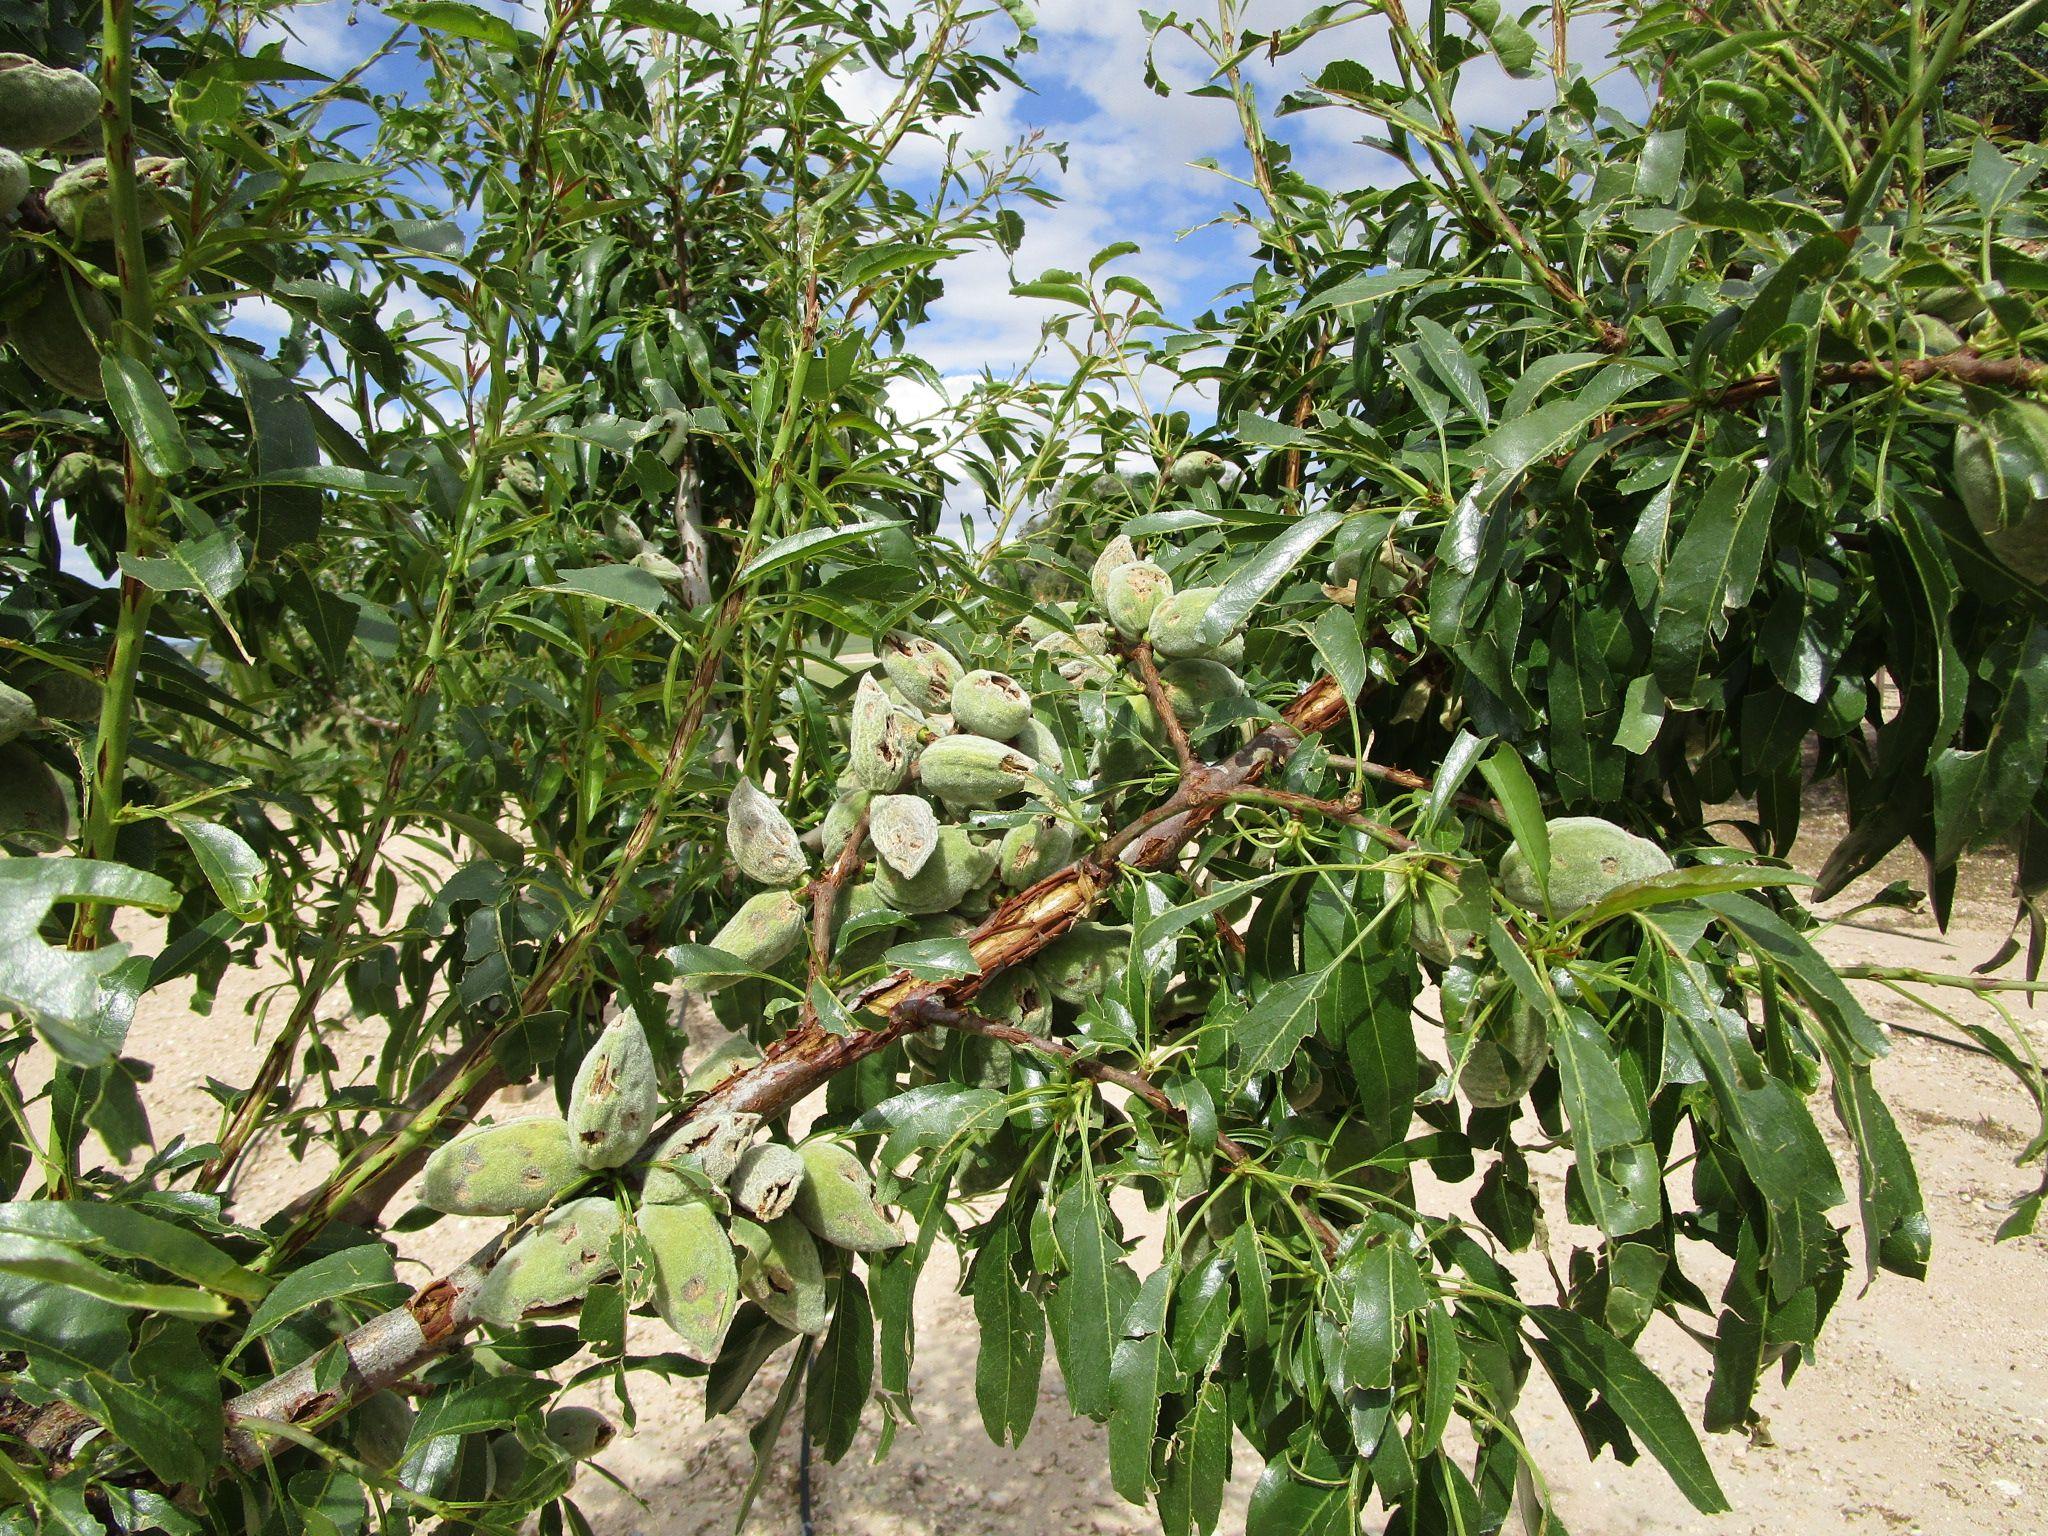 El 30 de noviembre finaliza el periodo de contratación del seguro agrario para almendro y aceituna de almazara